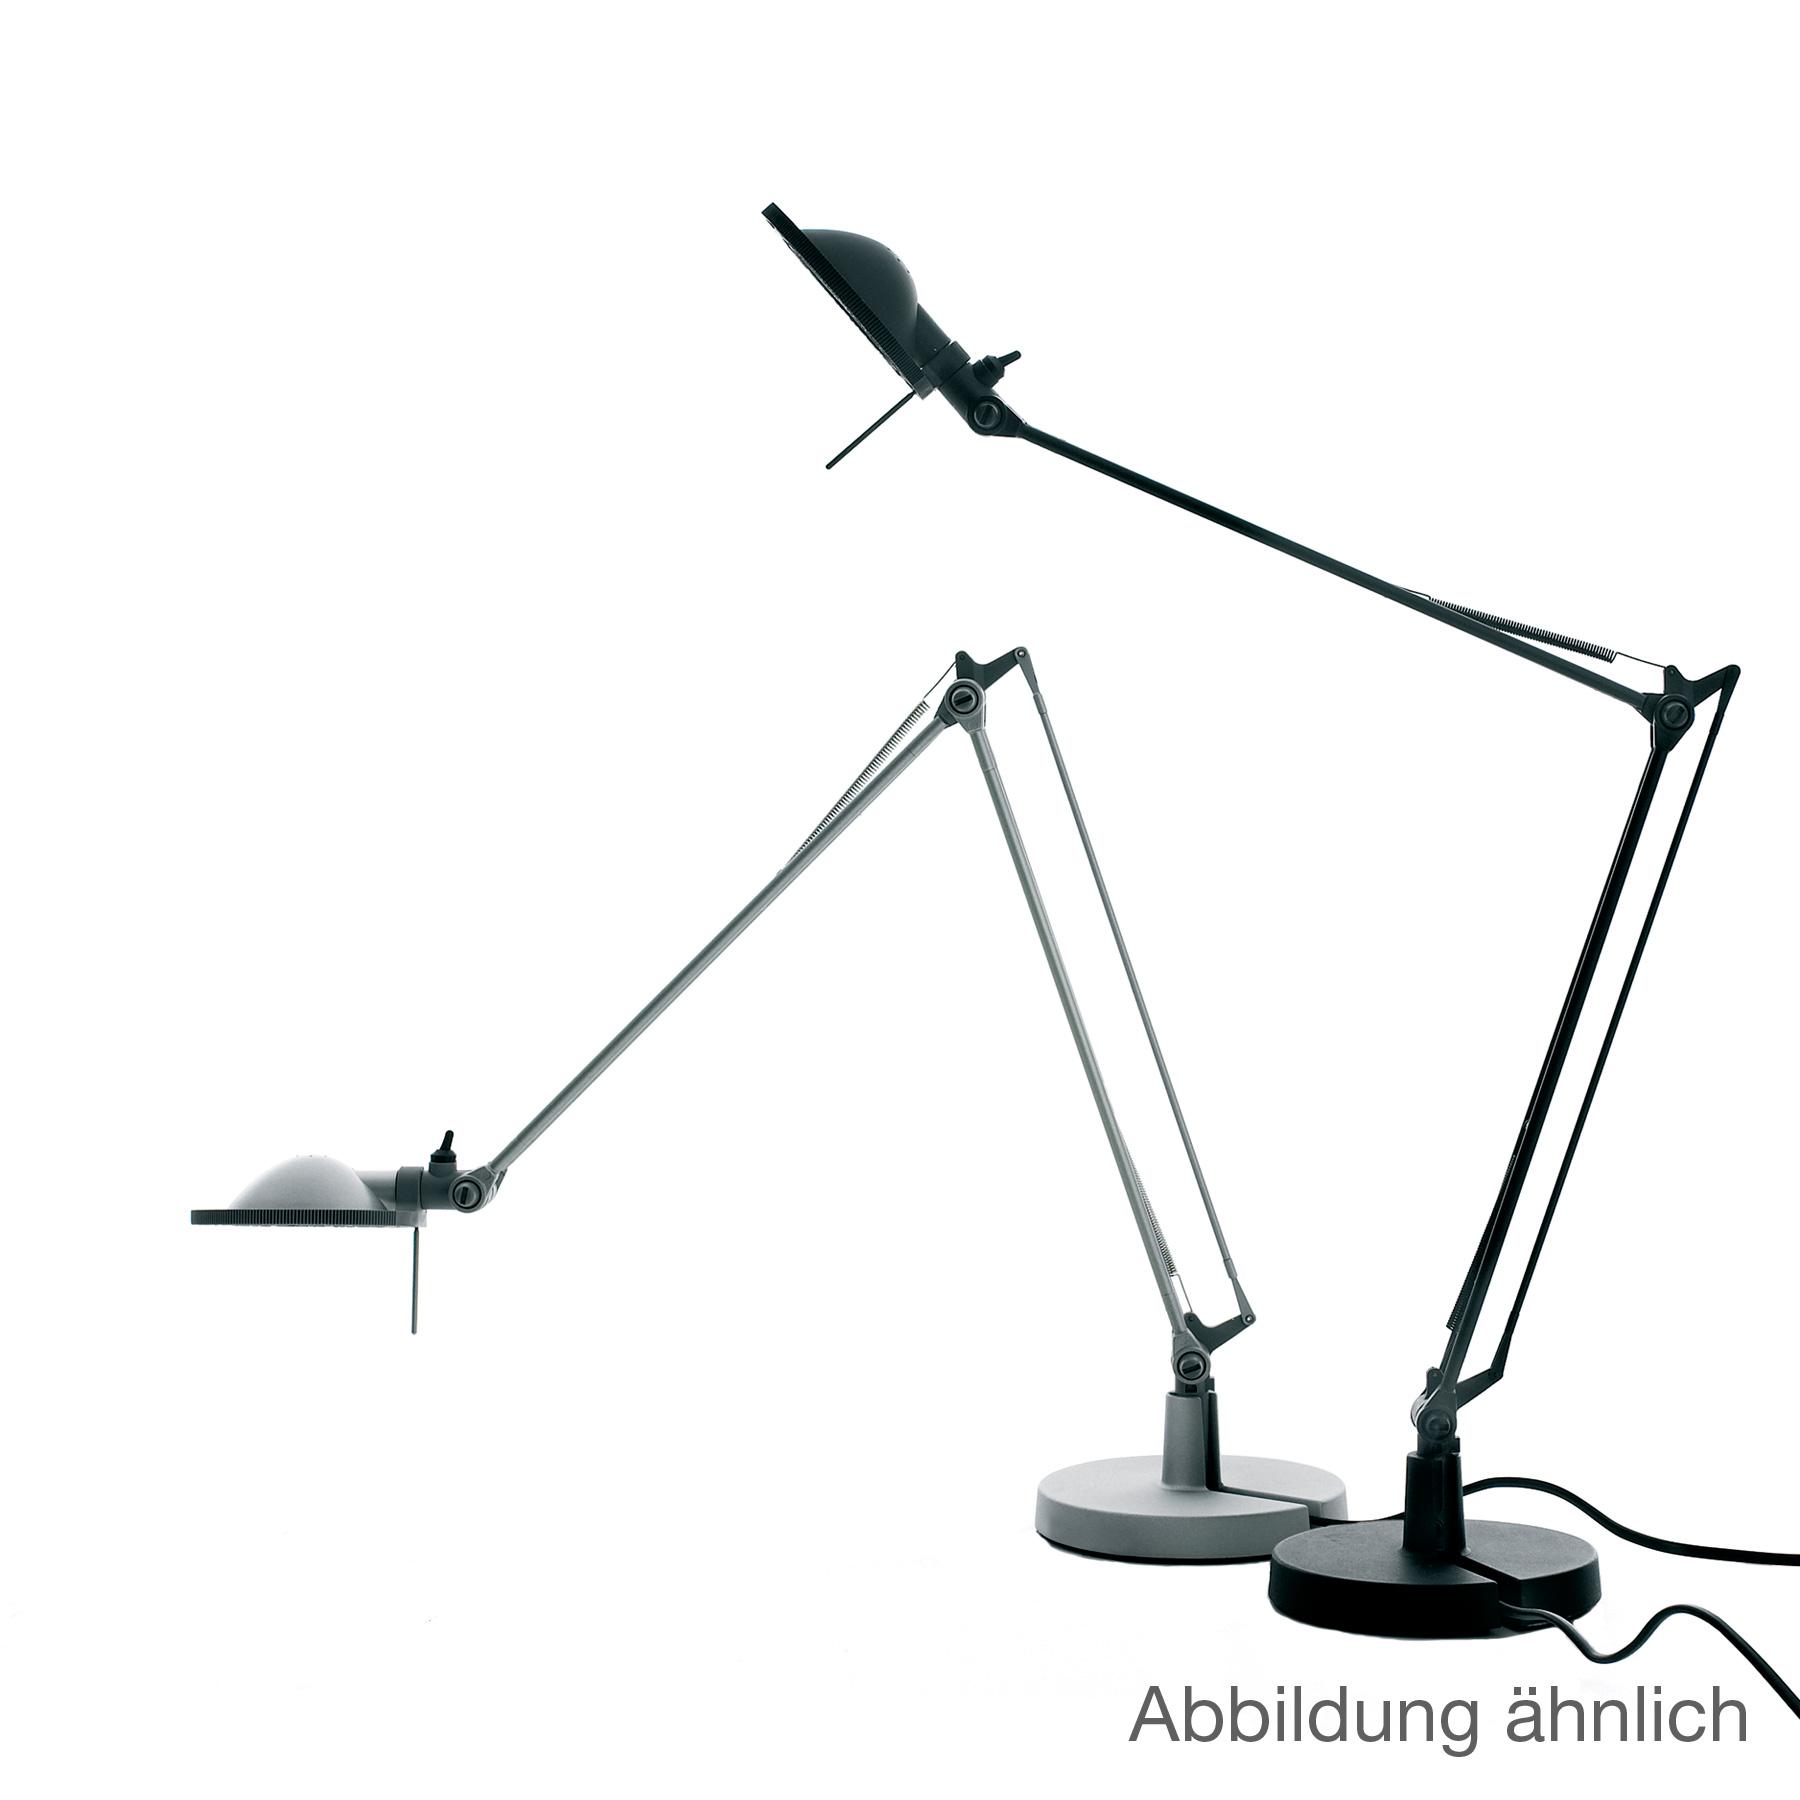 Luceplan Berenice Tischleuchte mit Tischfuß Ø 15 cm und Metallreflektor, schwarz   1D120=00E001 ...